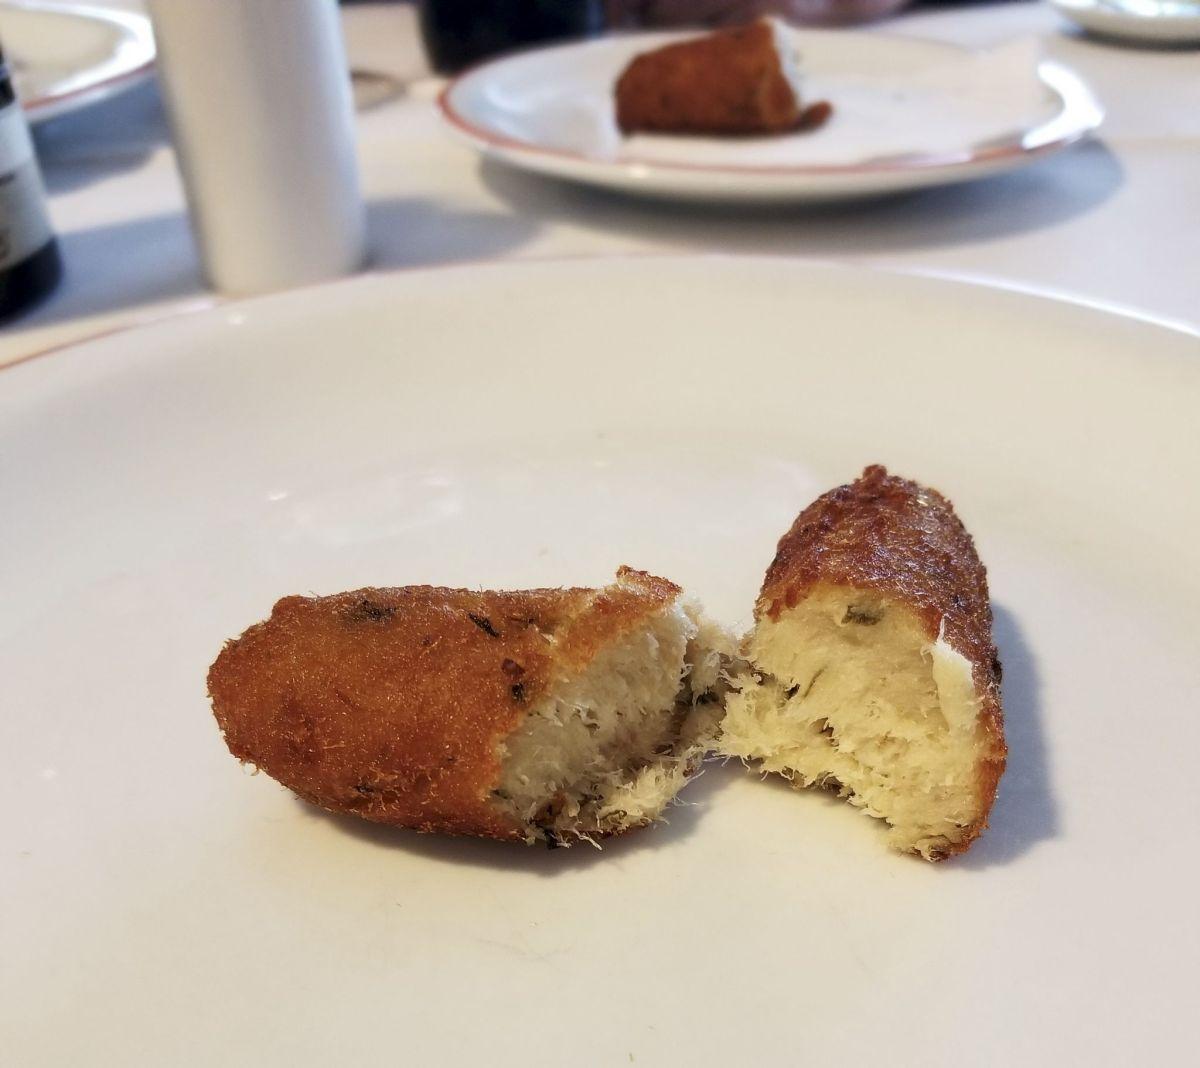 Bolinha de bacalhau (potato and cod fish balls)